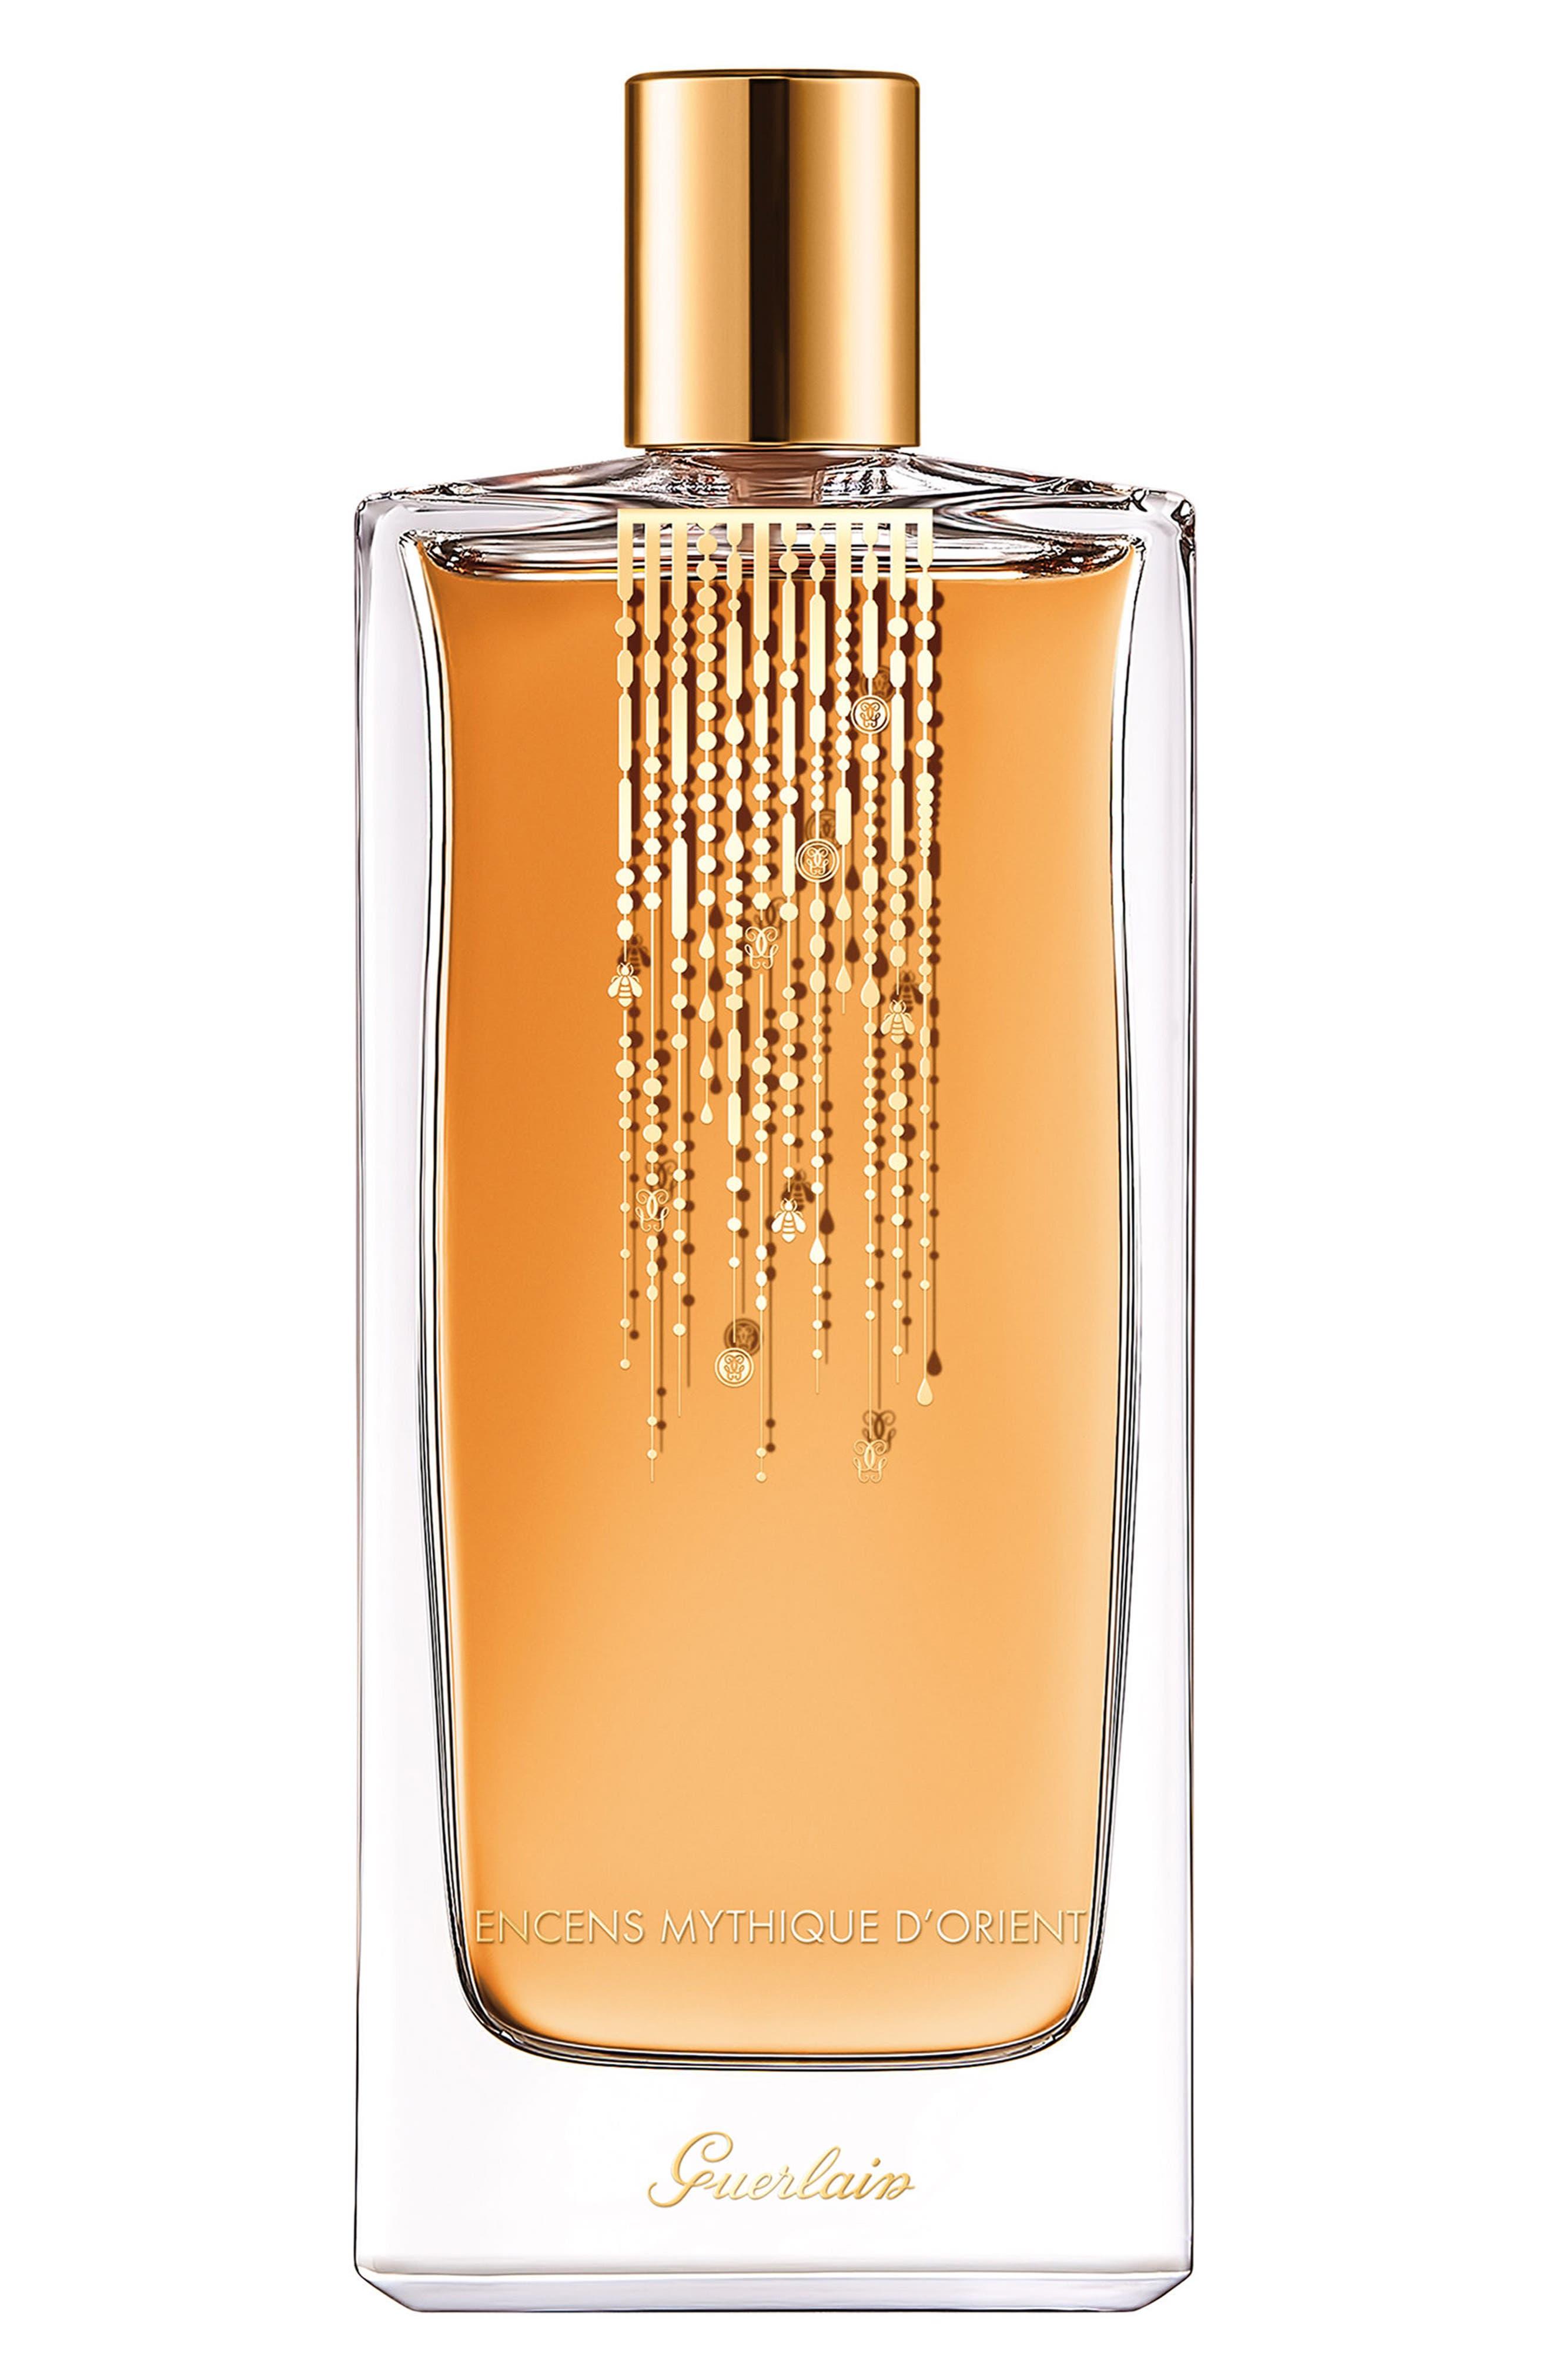 Main Image - Guerlain Les Déserts d'Orient Encens Mythique d'Orient Eau de Parfum